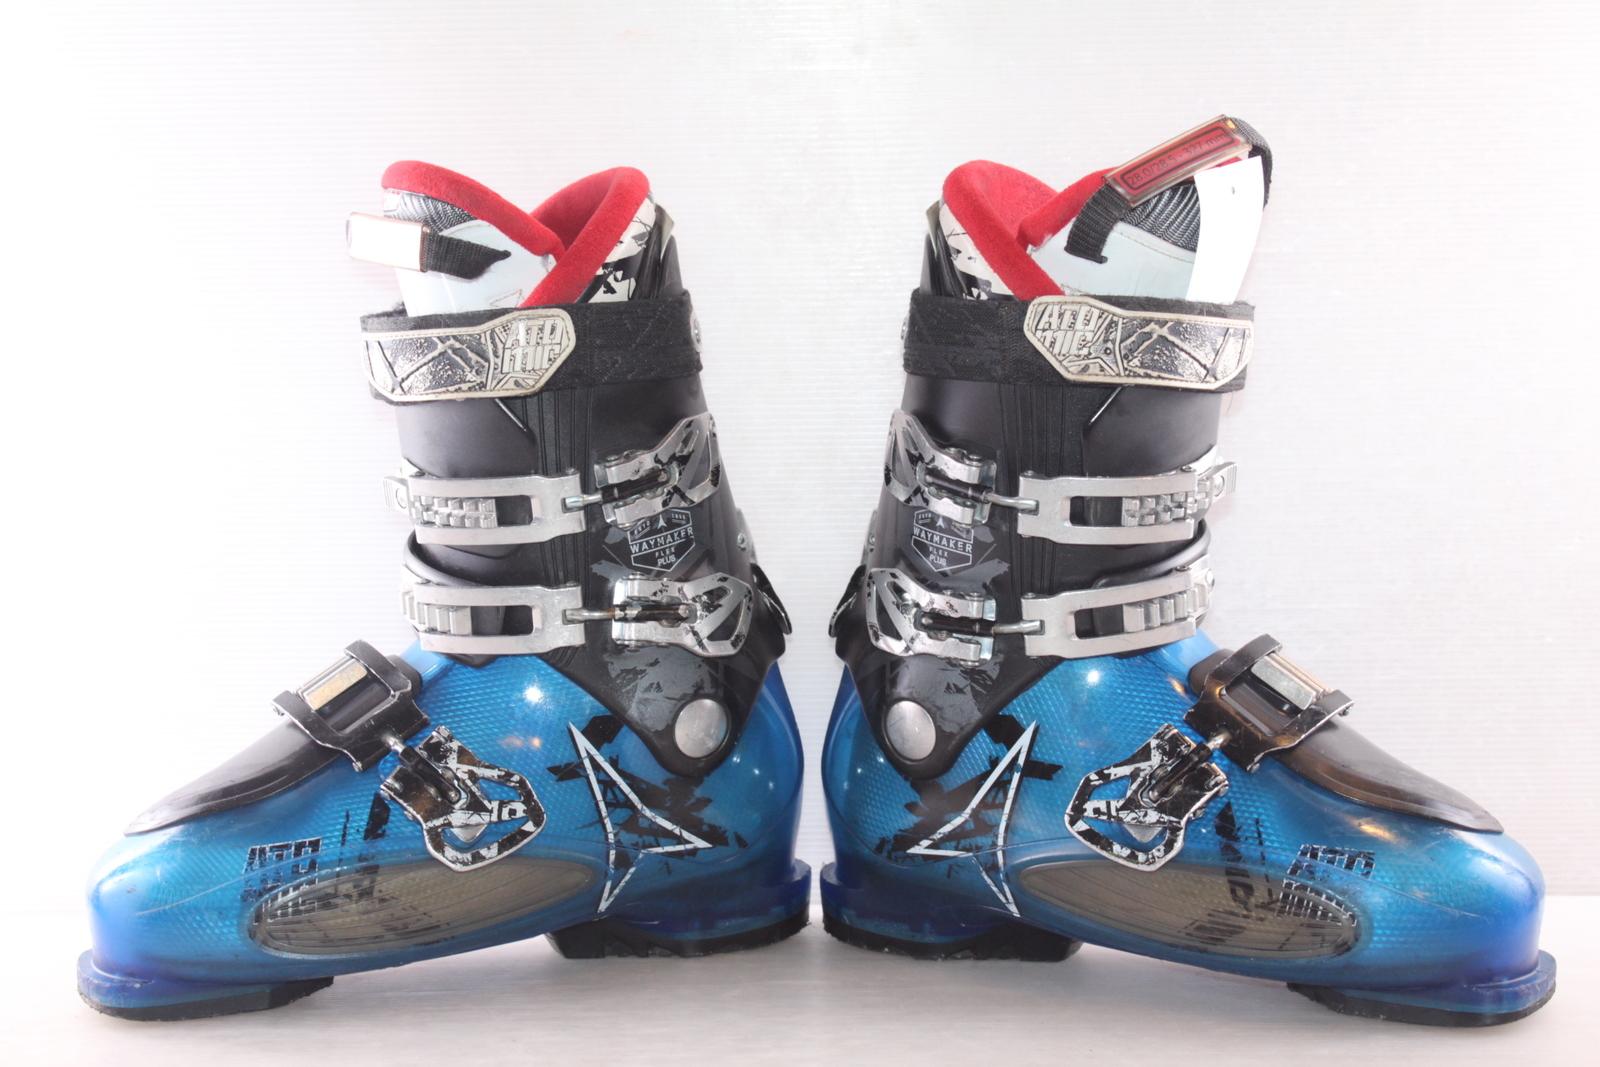 Lyžařské boty Atomic Way Maker Flex plus vel. EU43.5 flexe 80